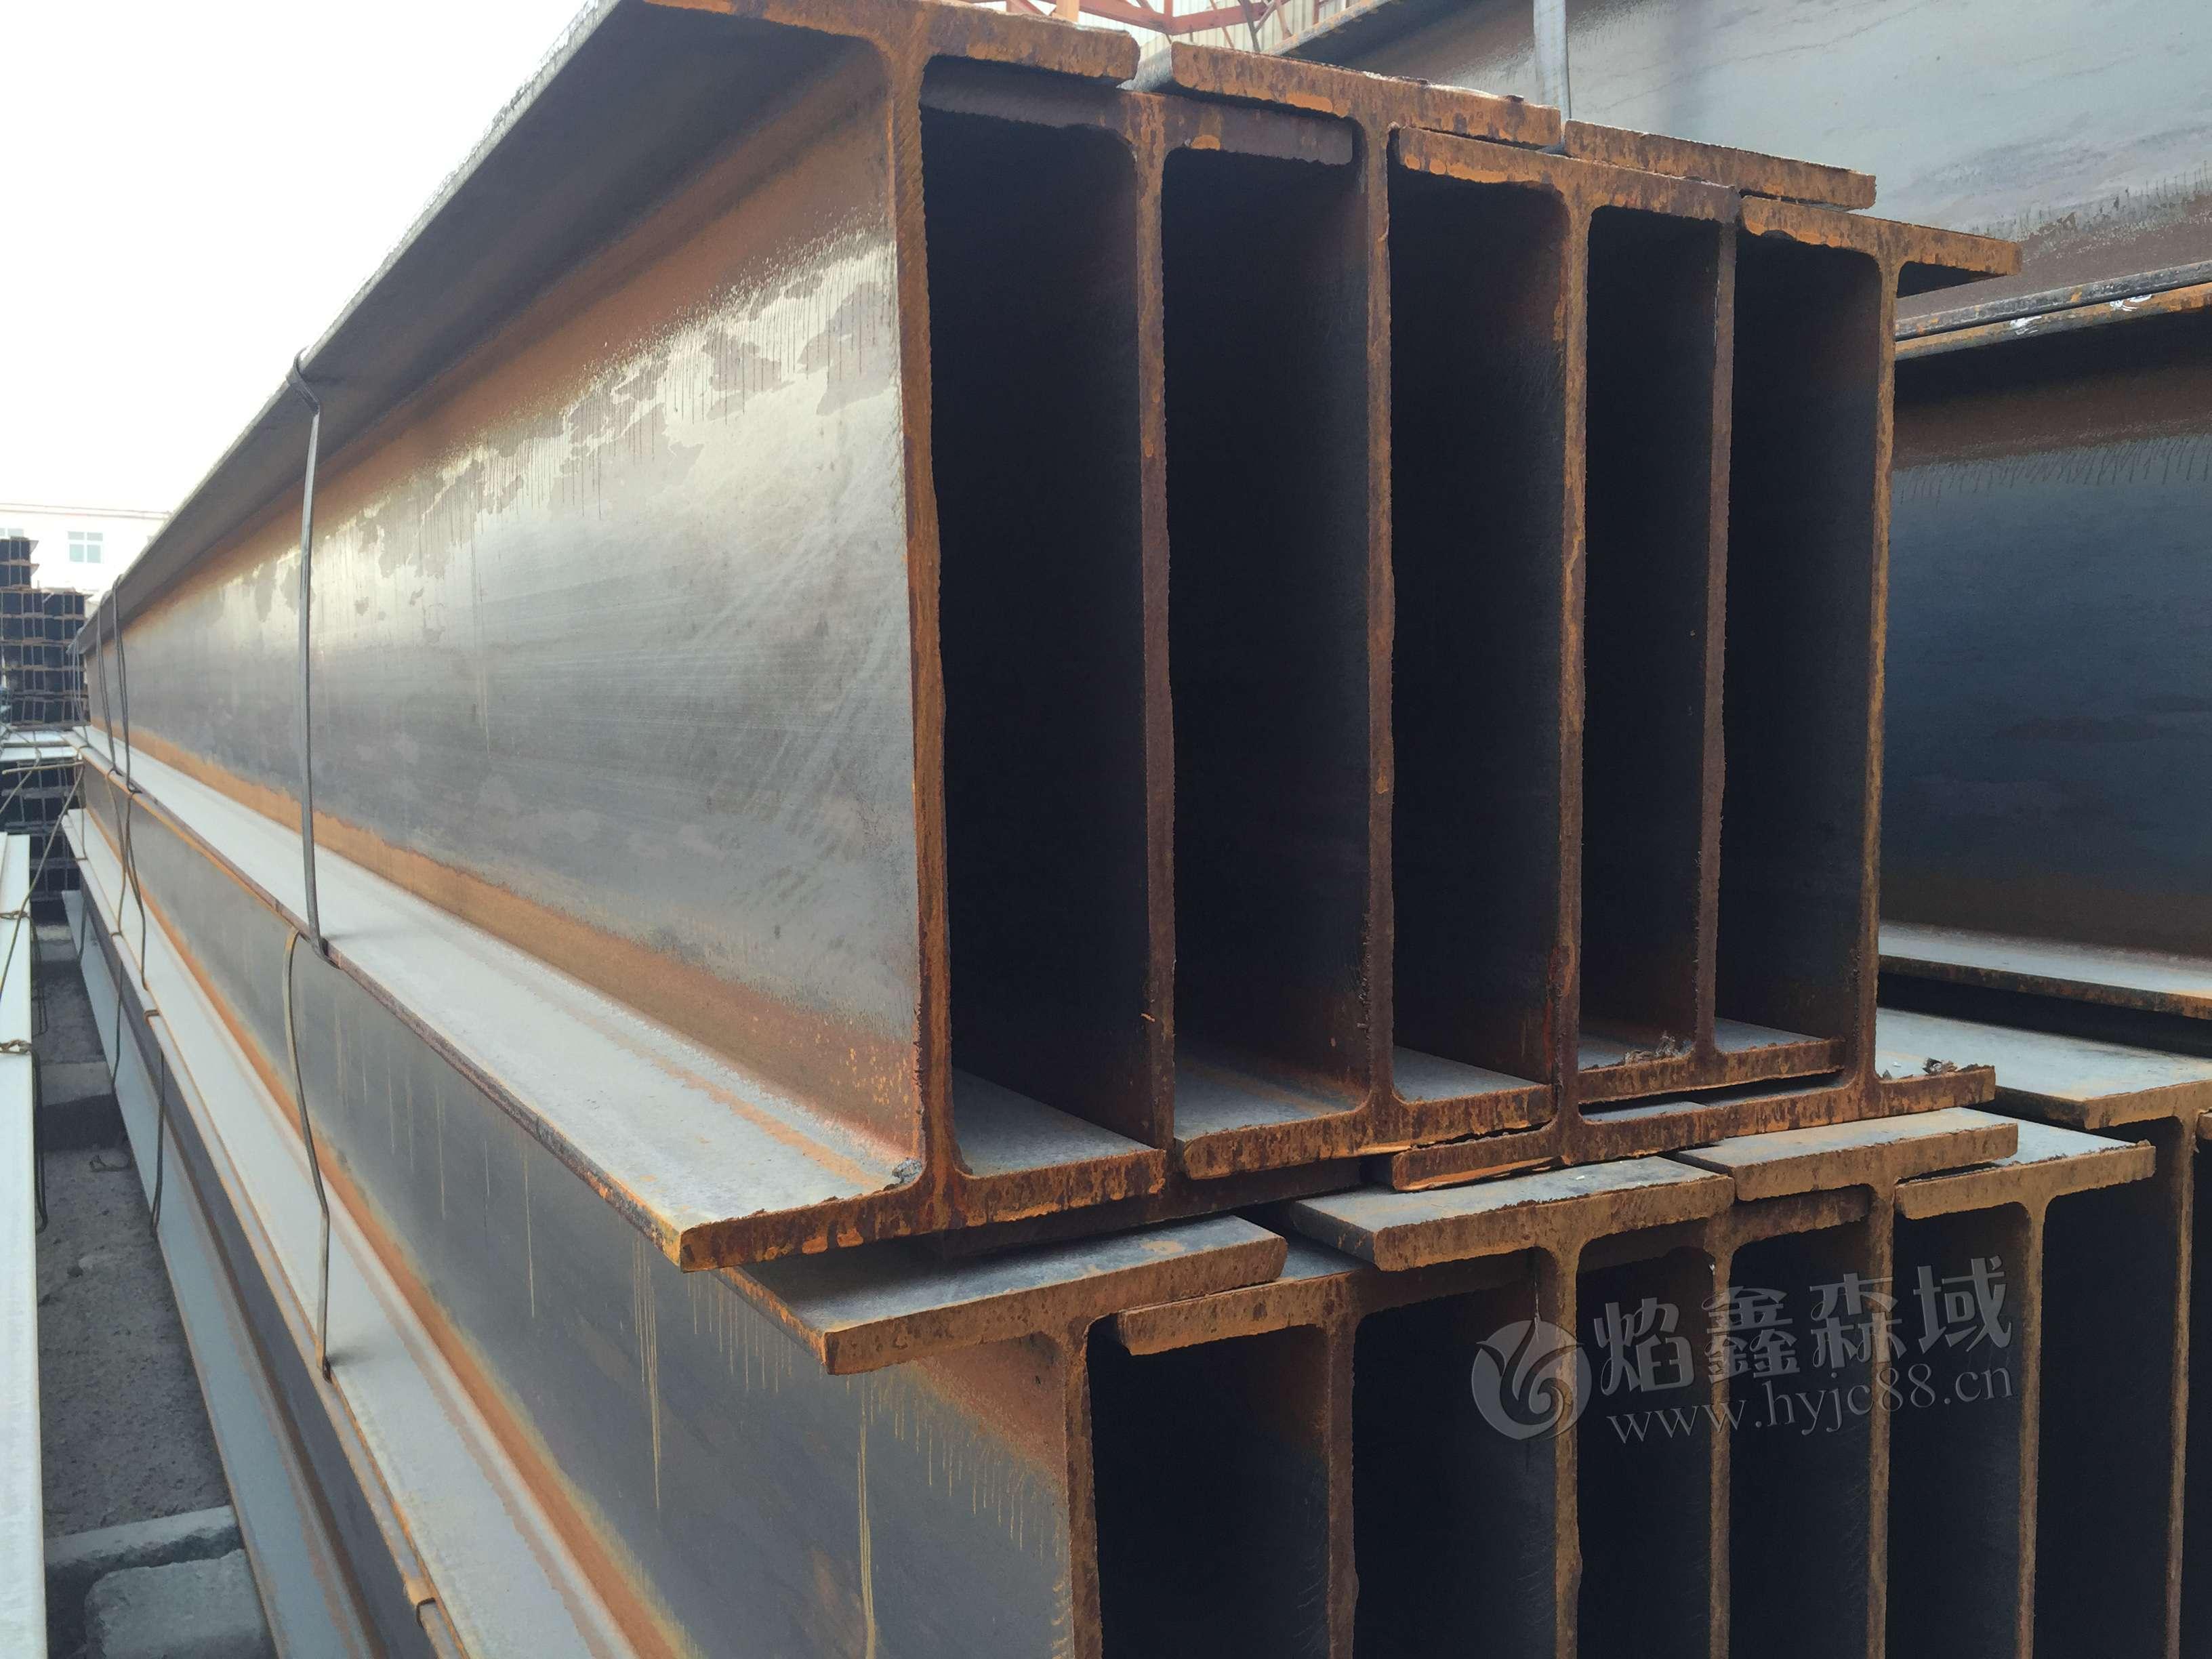 天津热轧H型钢表面问题及解决措施